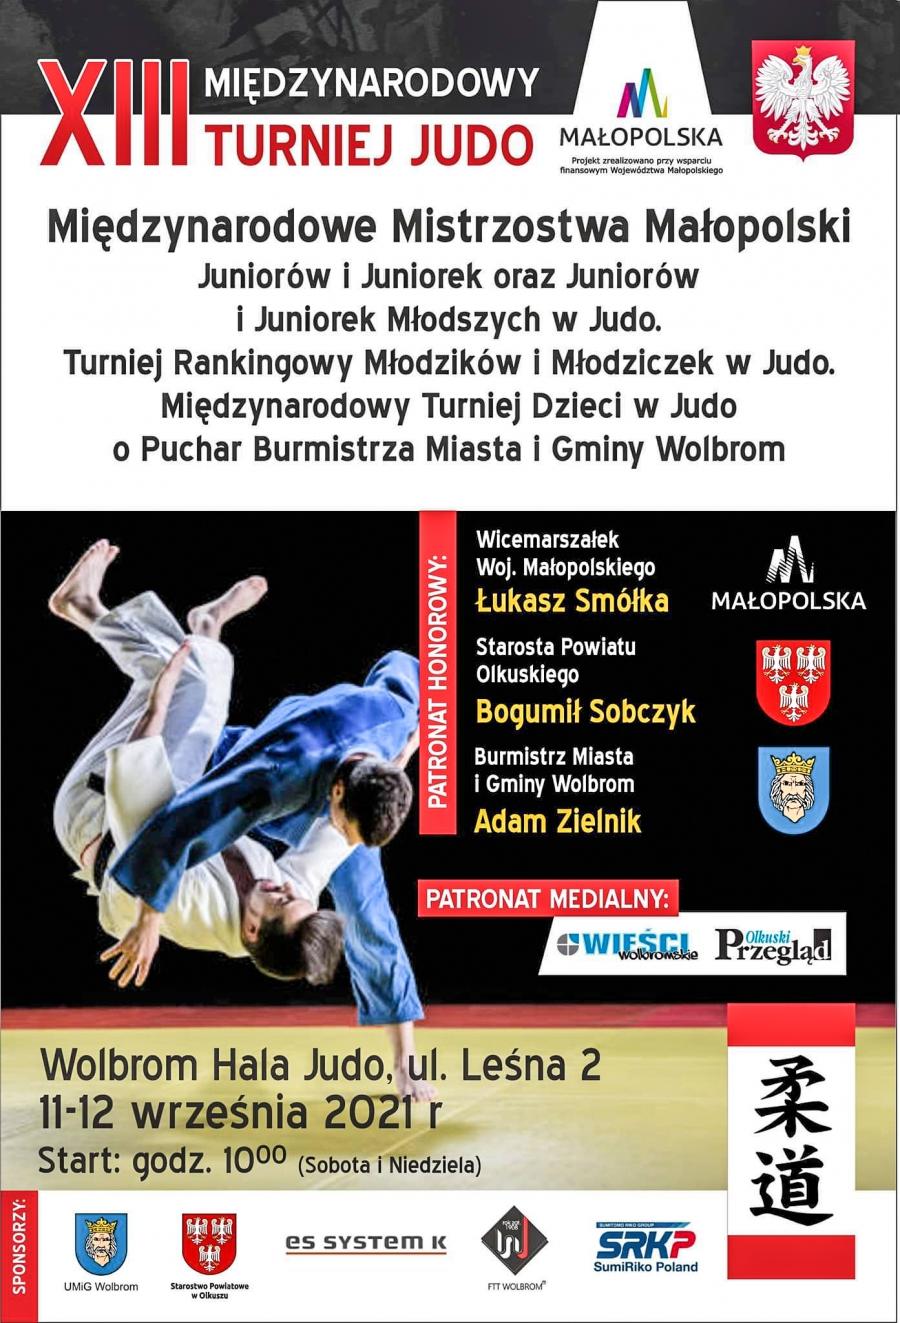 XIII Międzynarodowy Turniej Judo w Wolbromiu